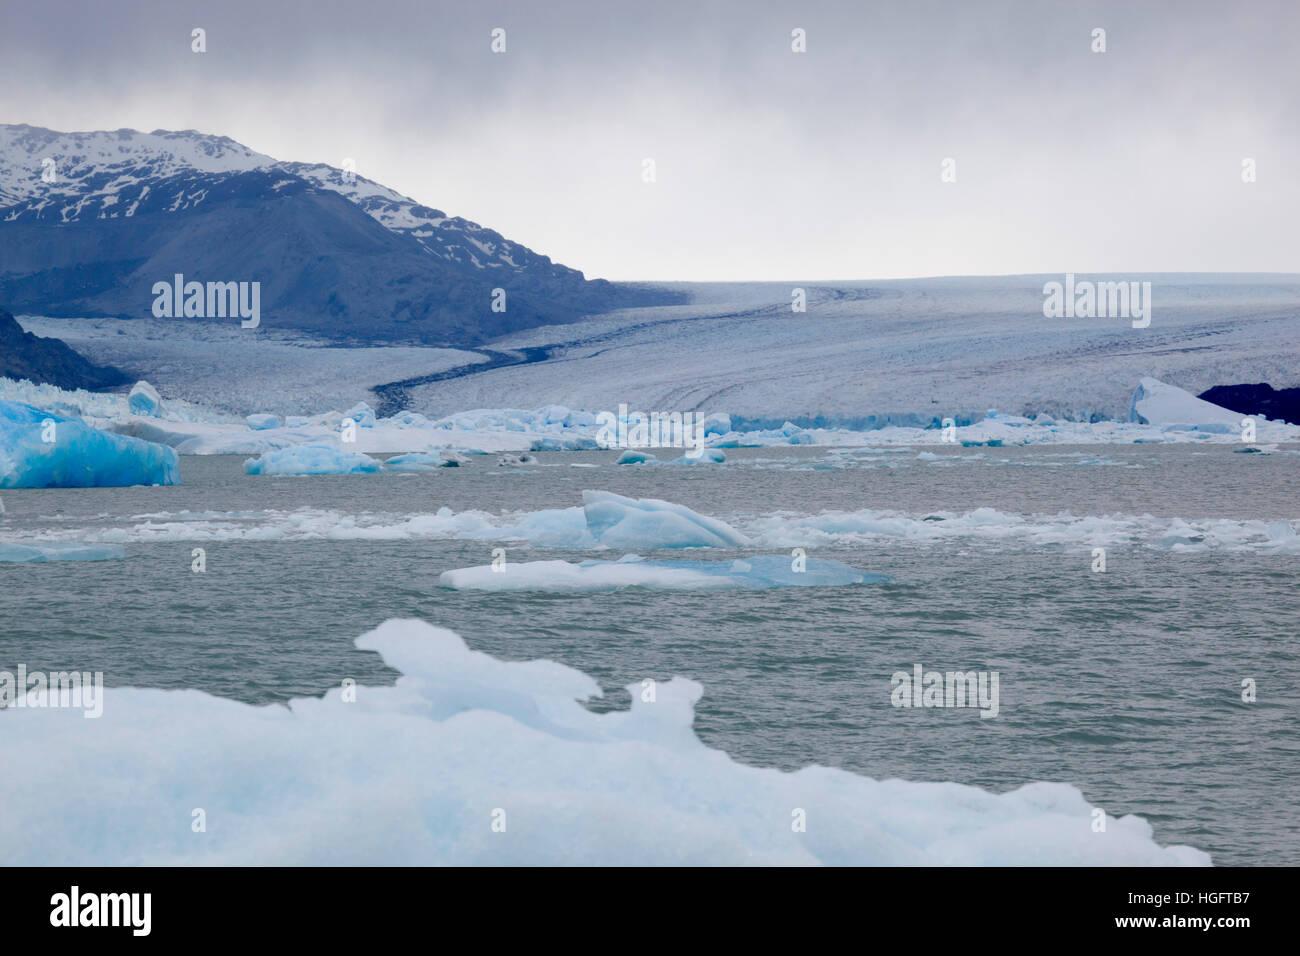 El Glaciar Upsala y los icebergs en el Lago Argentino, El Calafate, Parque Nacional Los Glaciares, Patagonia Argentina, Foto de stock